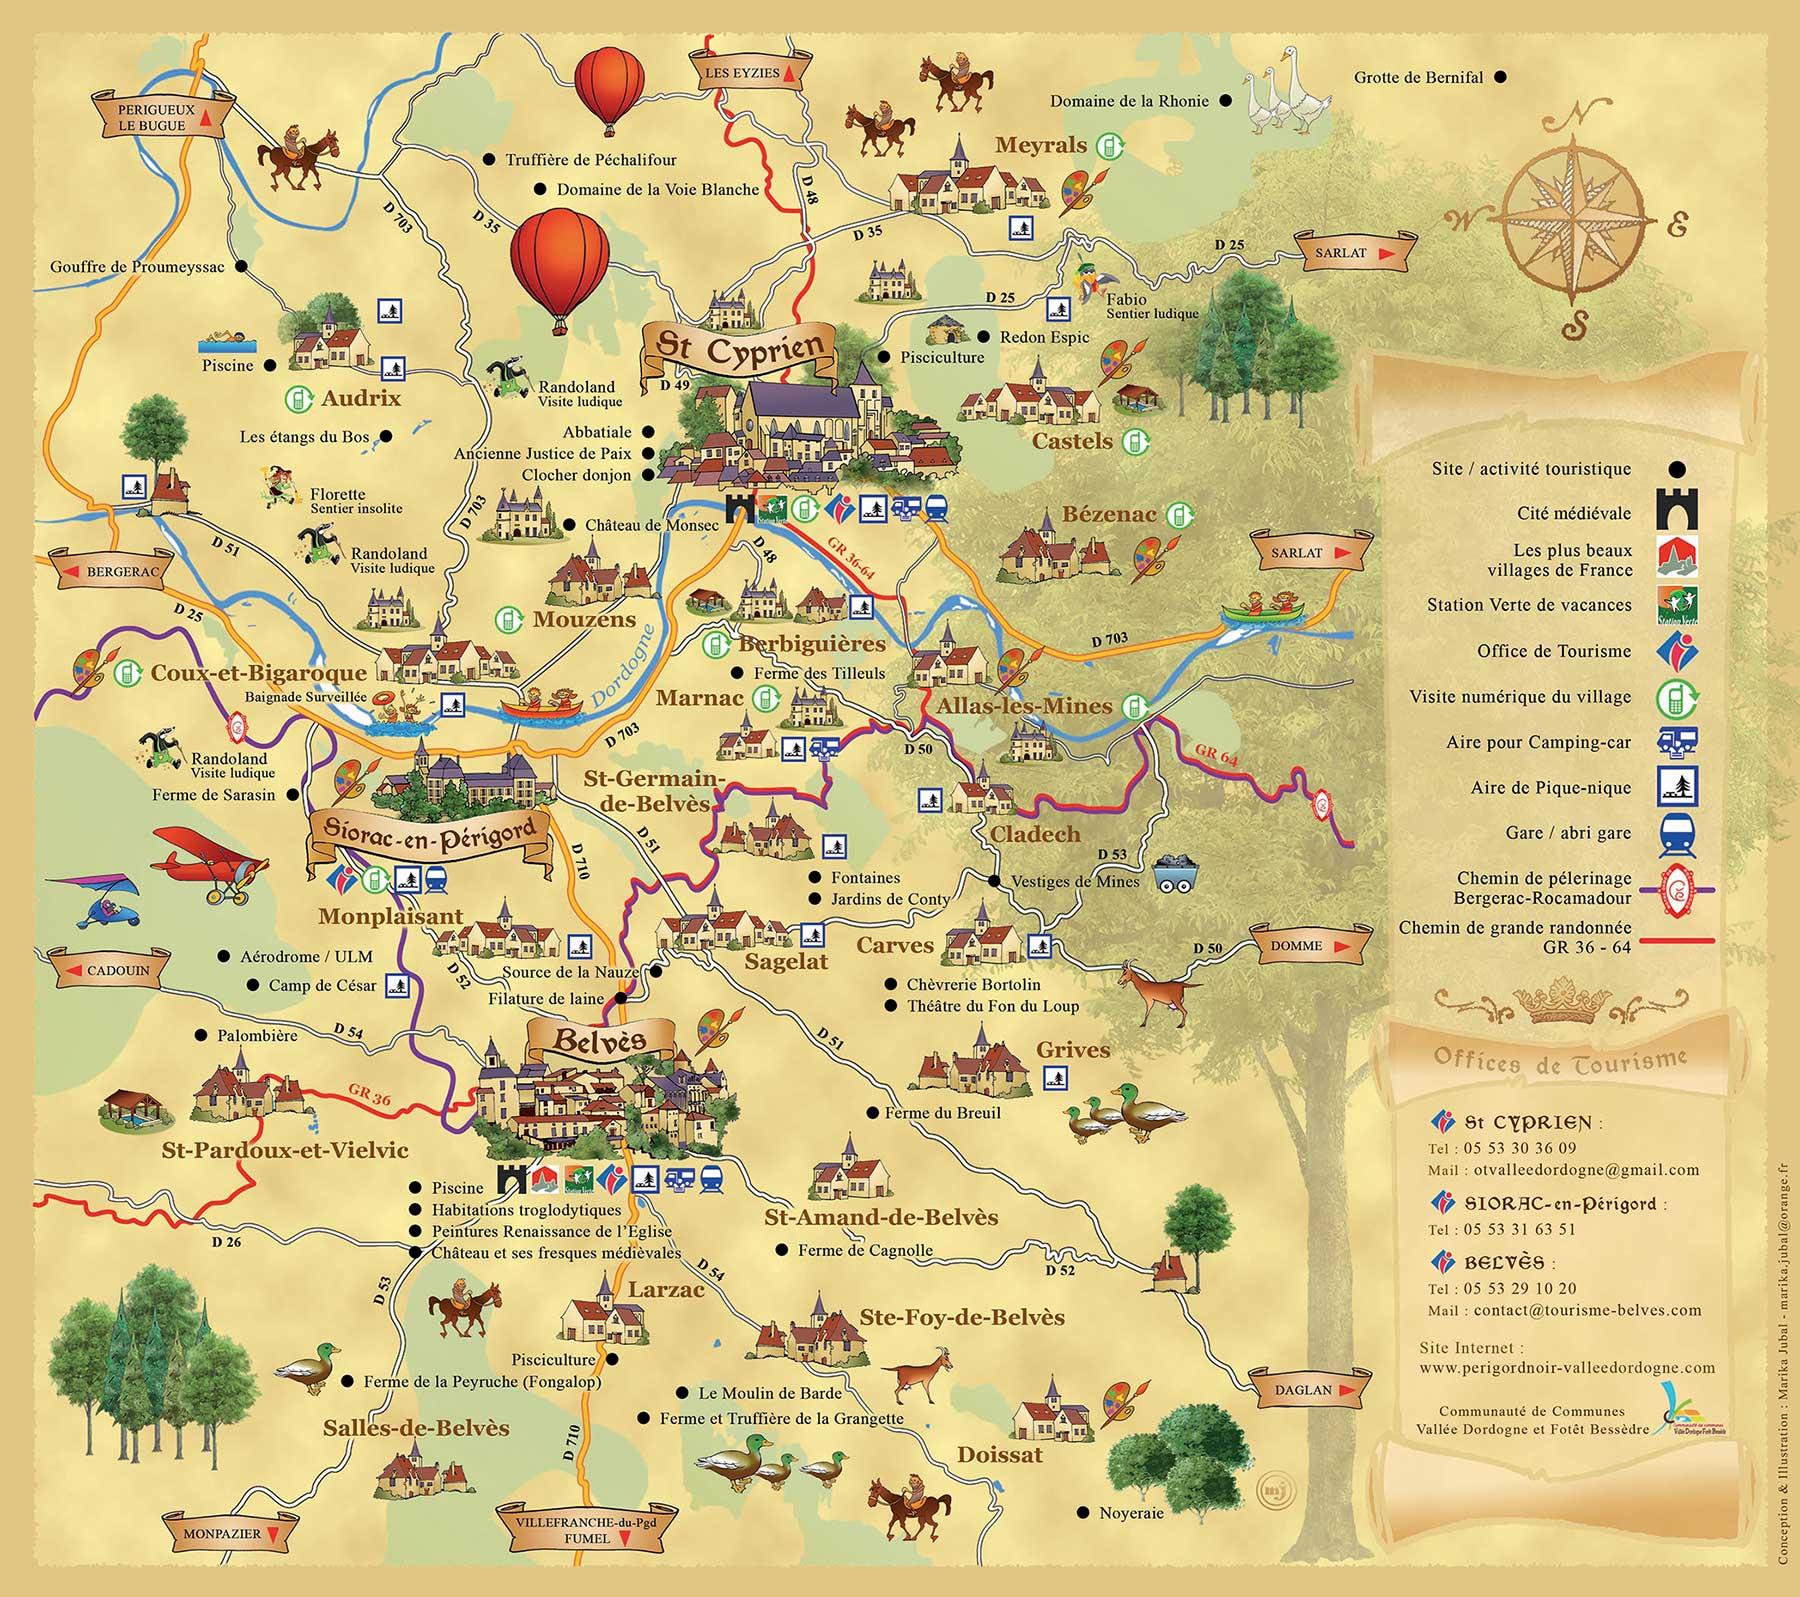 carte du territoire communautaire vallée dordogne forêt bessède